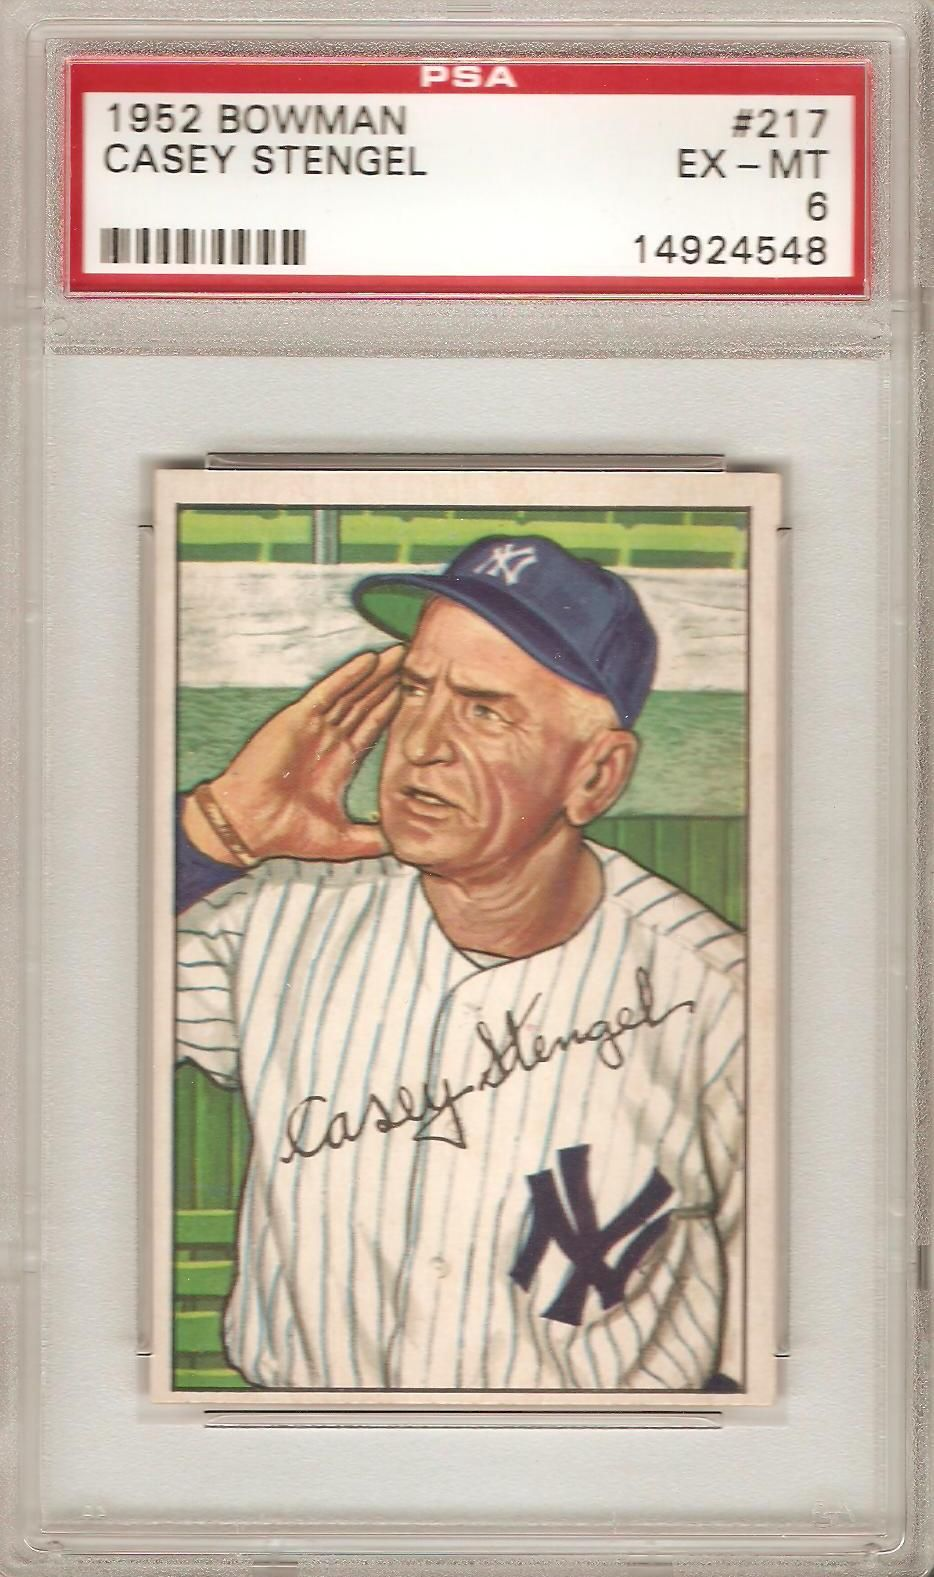 1952 Bowman Casey Stengel Casey stengel, Sports cards